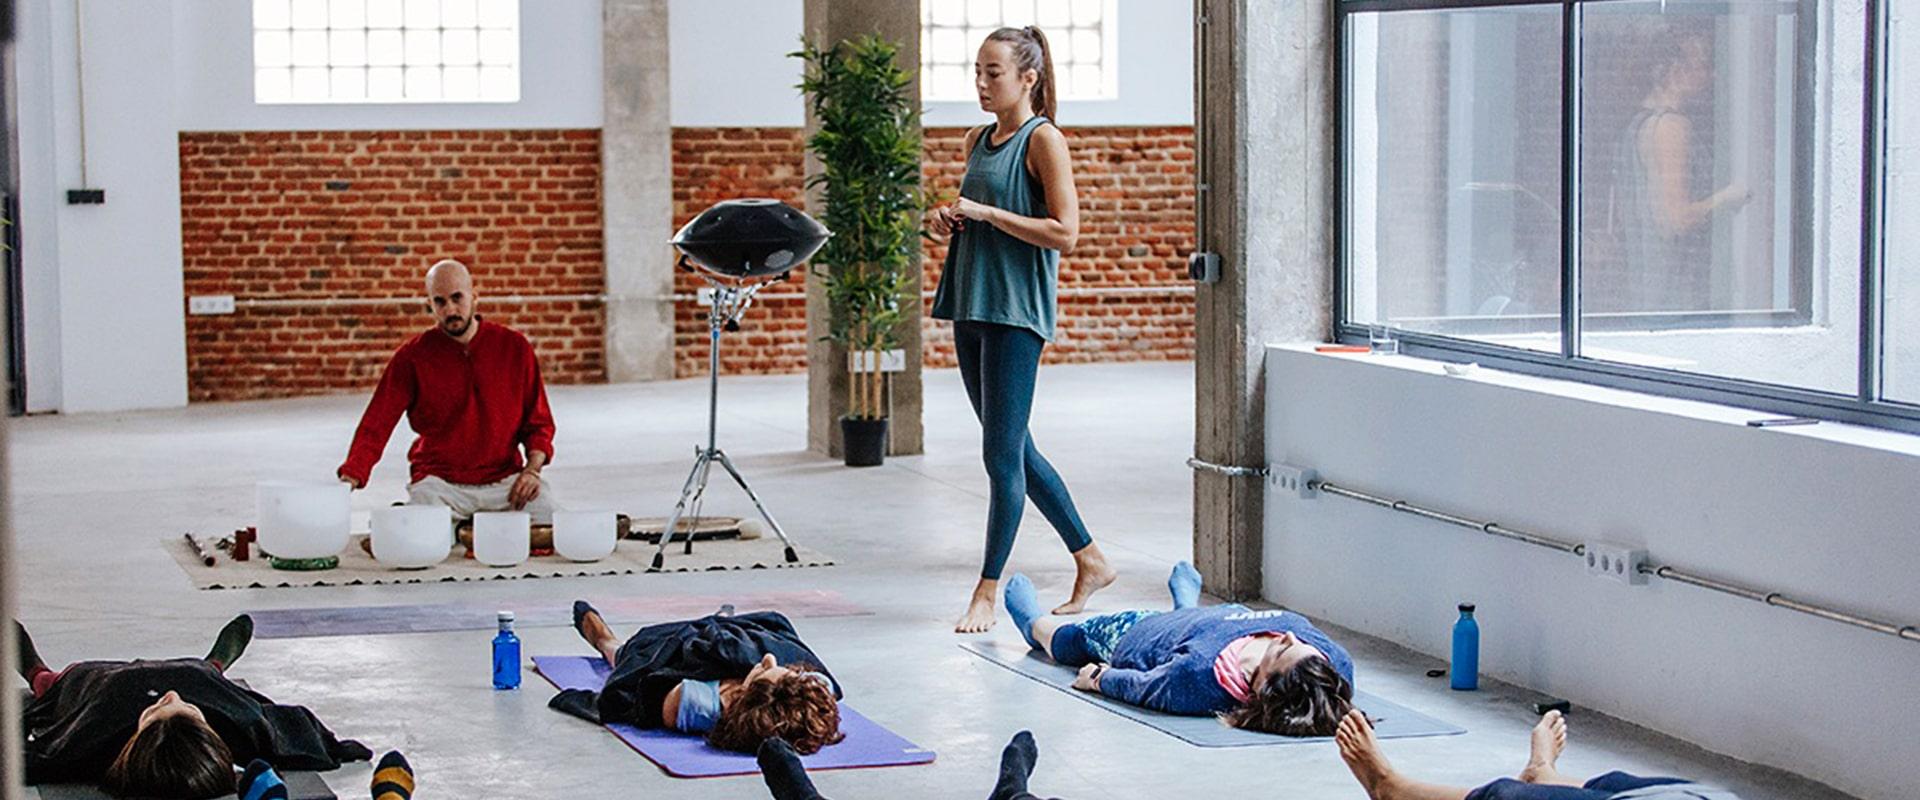 Clases de yoga Online - Yuliayogi